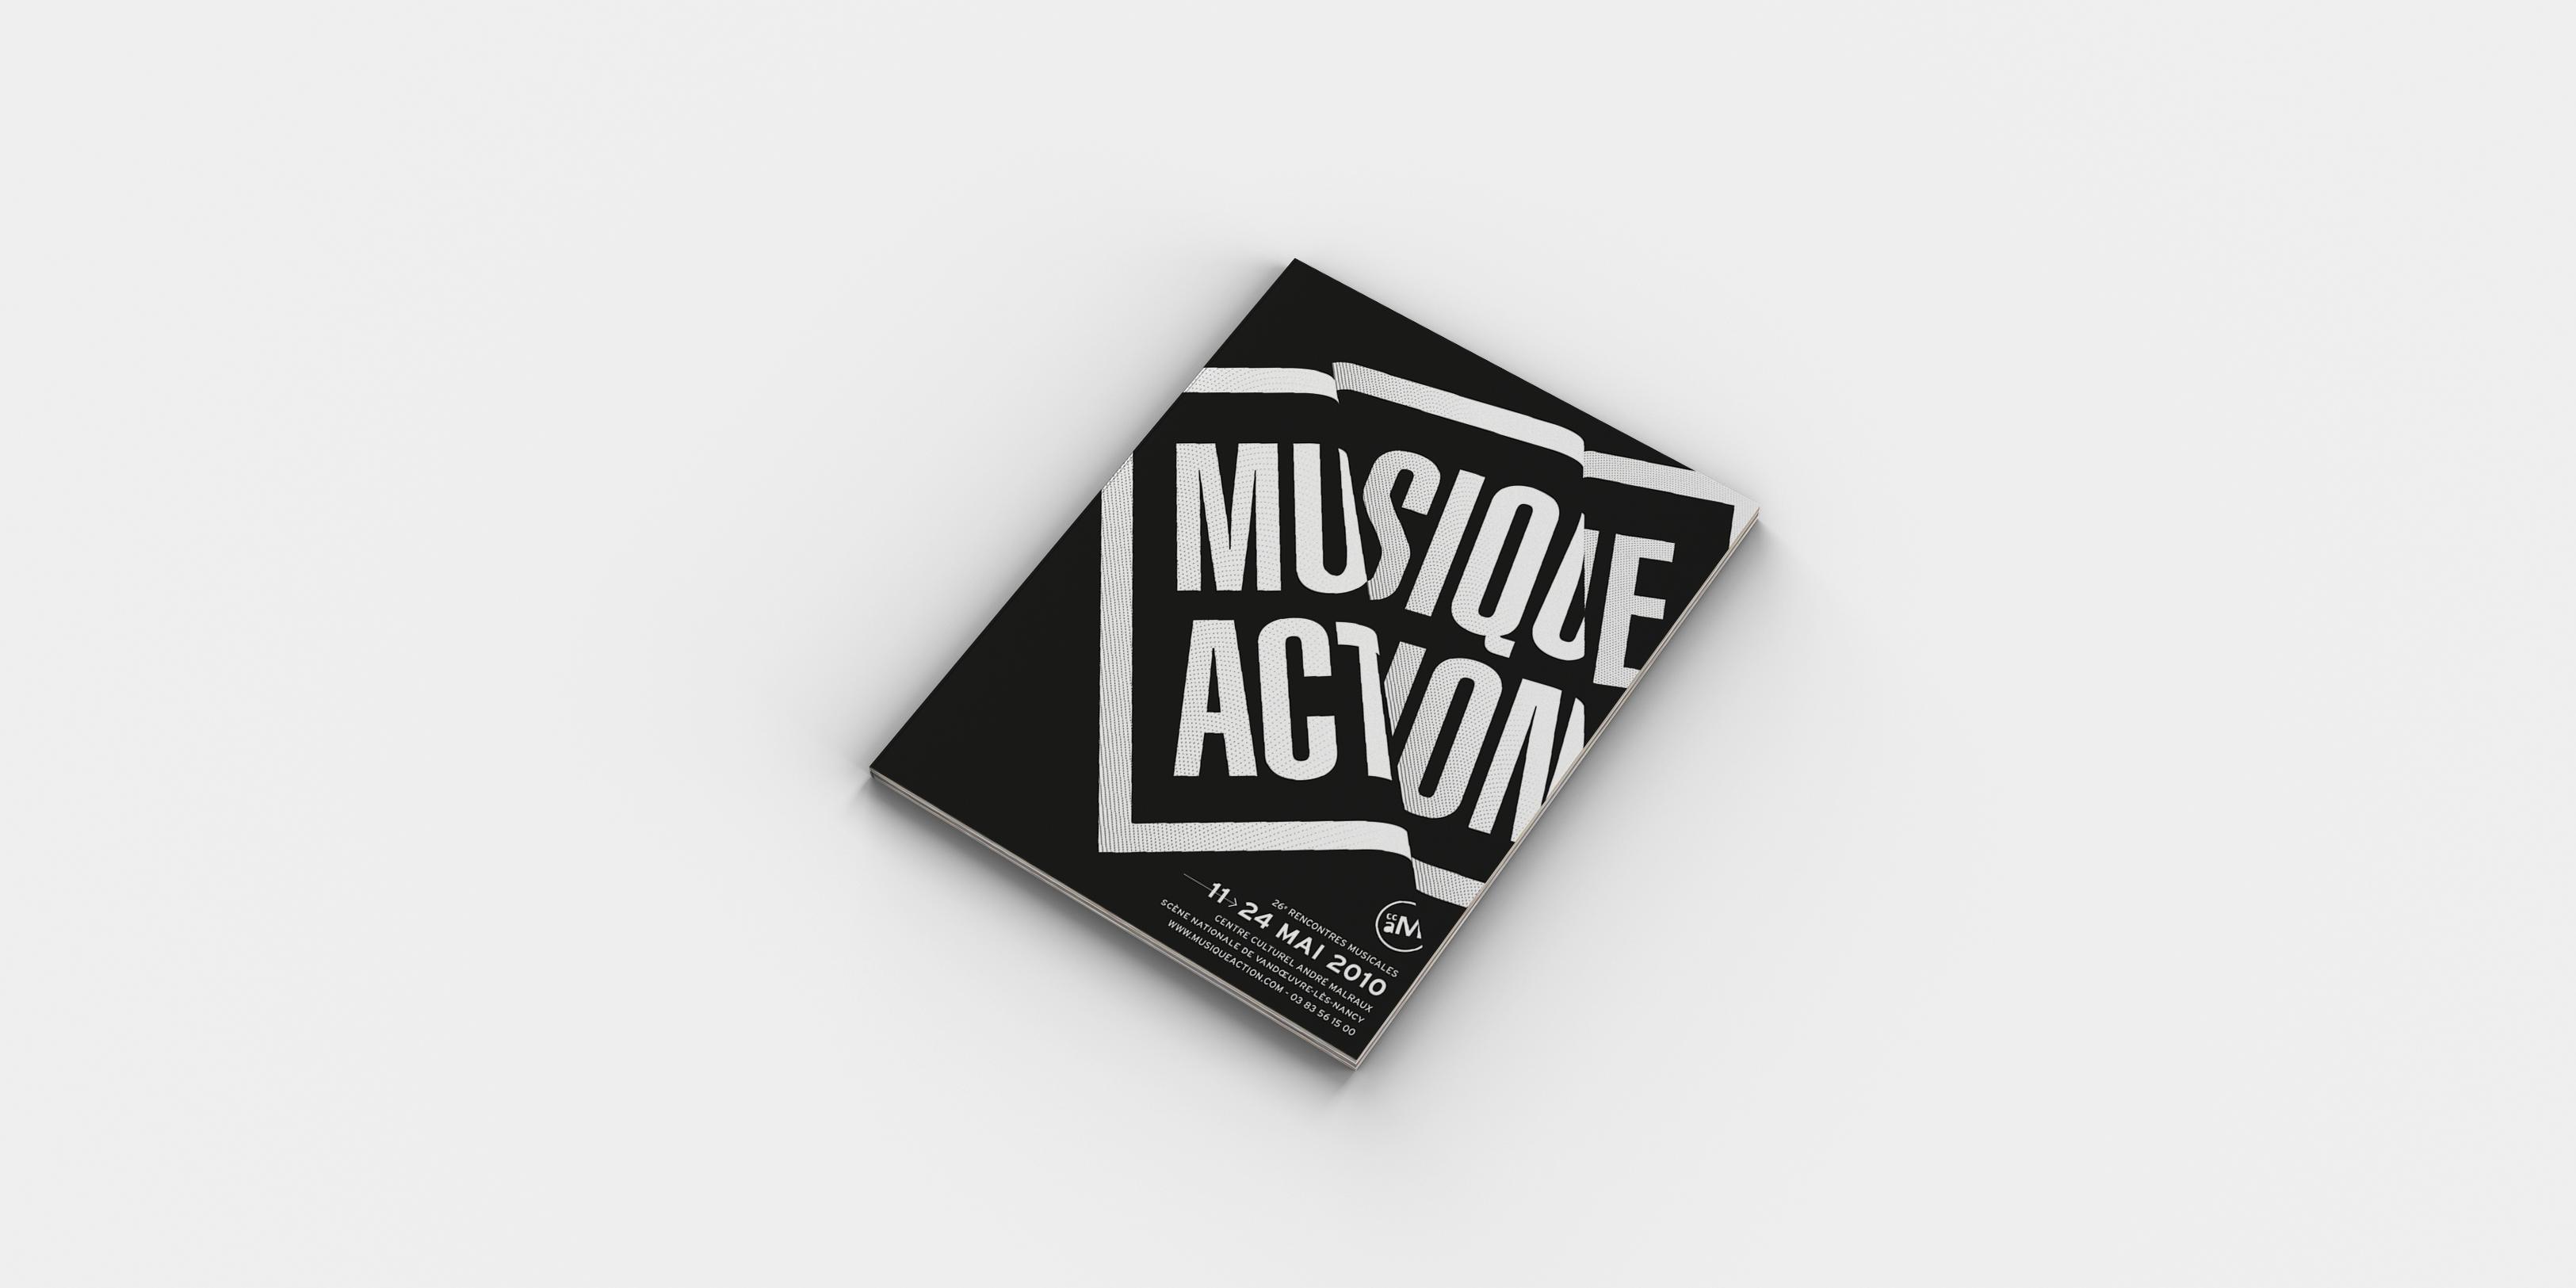 MUSIQUE_ACTION2_BUNDS1